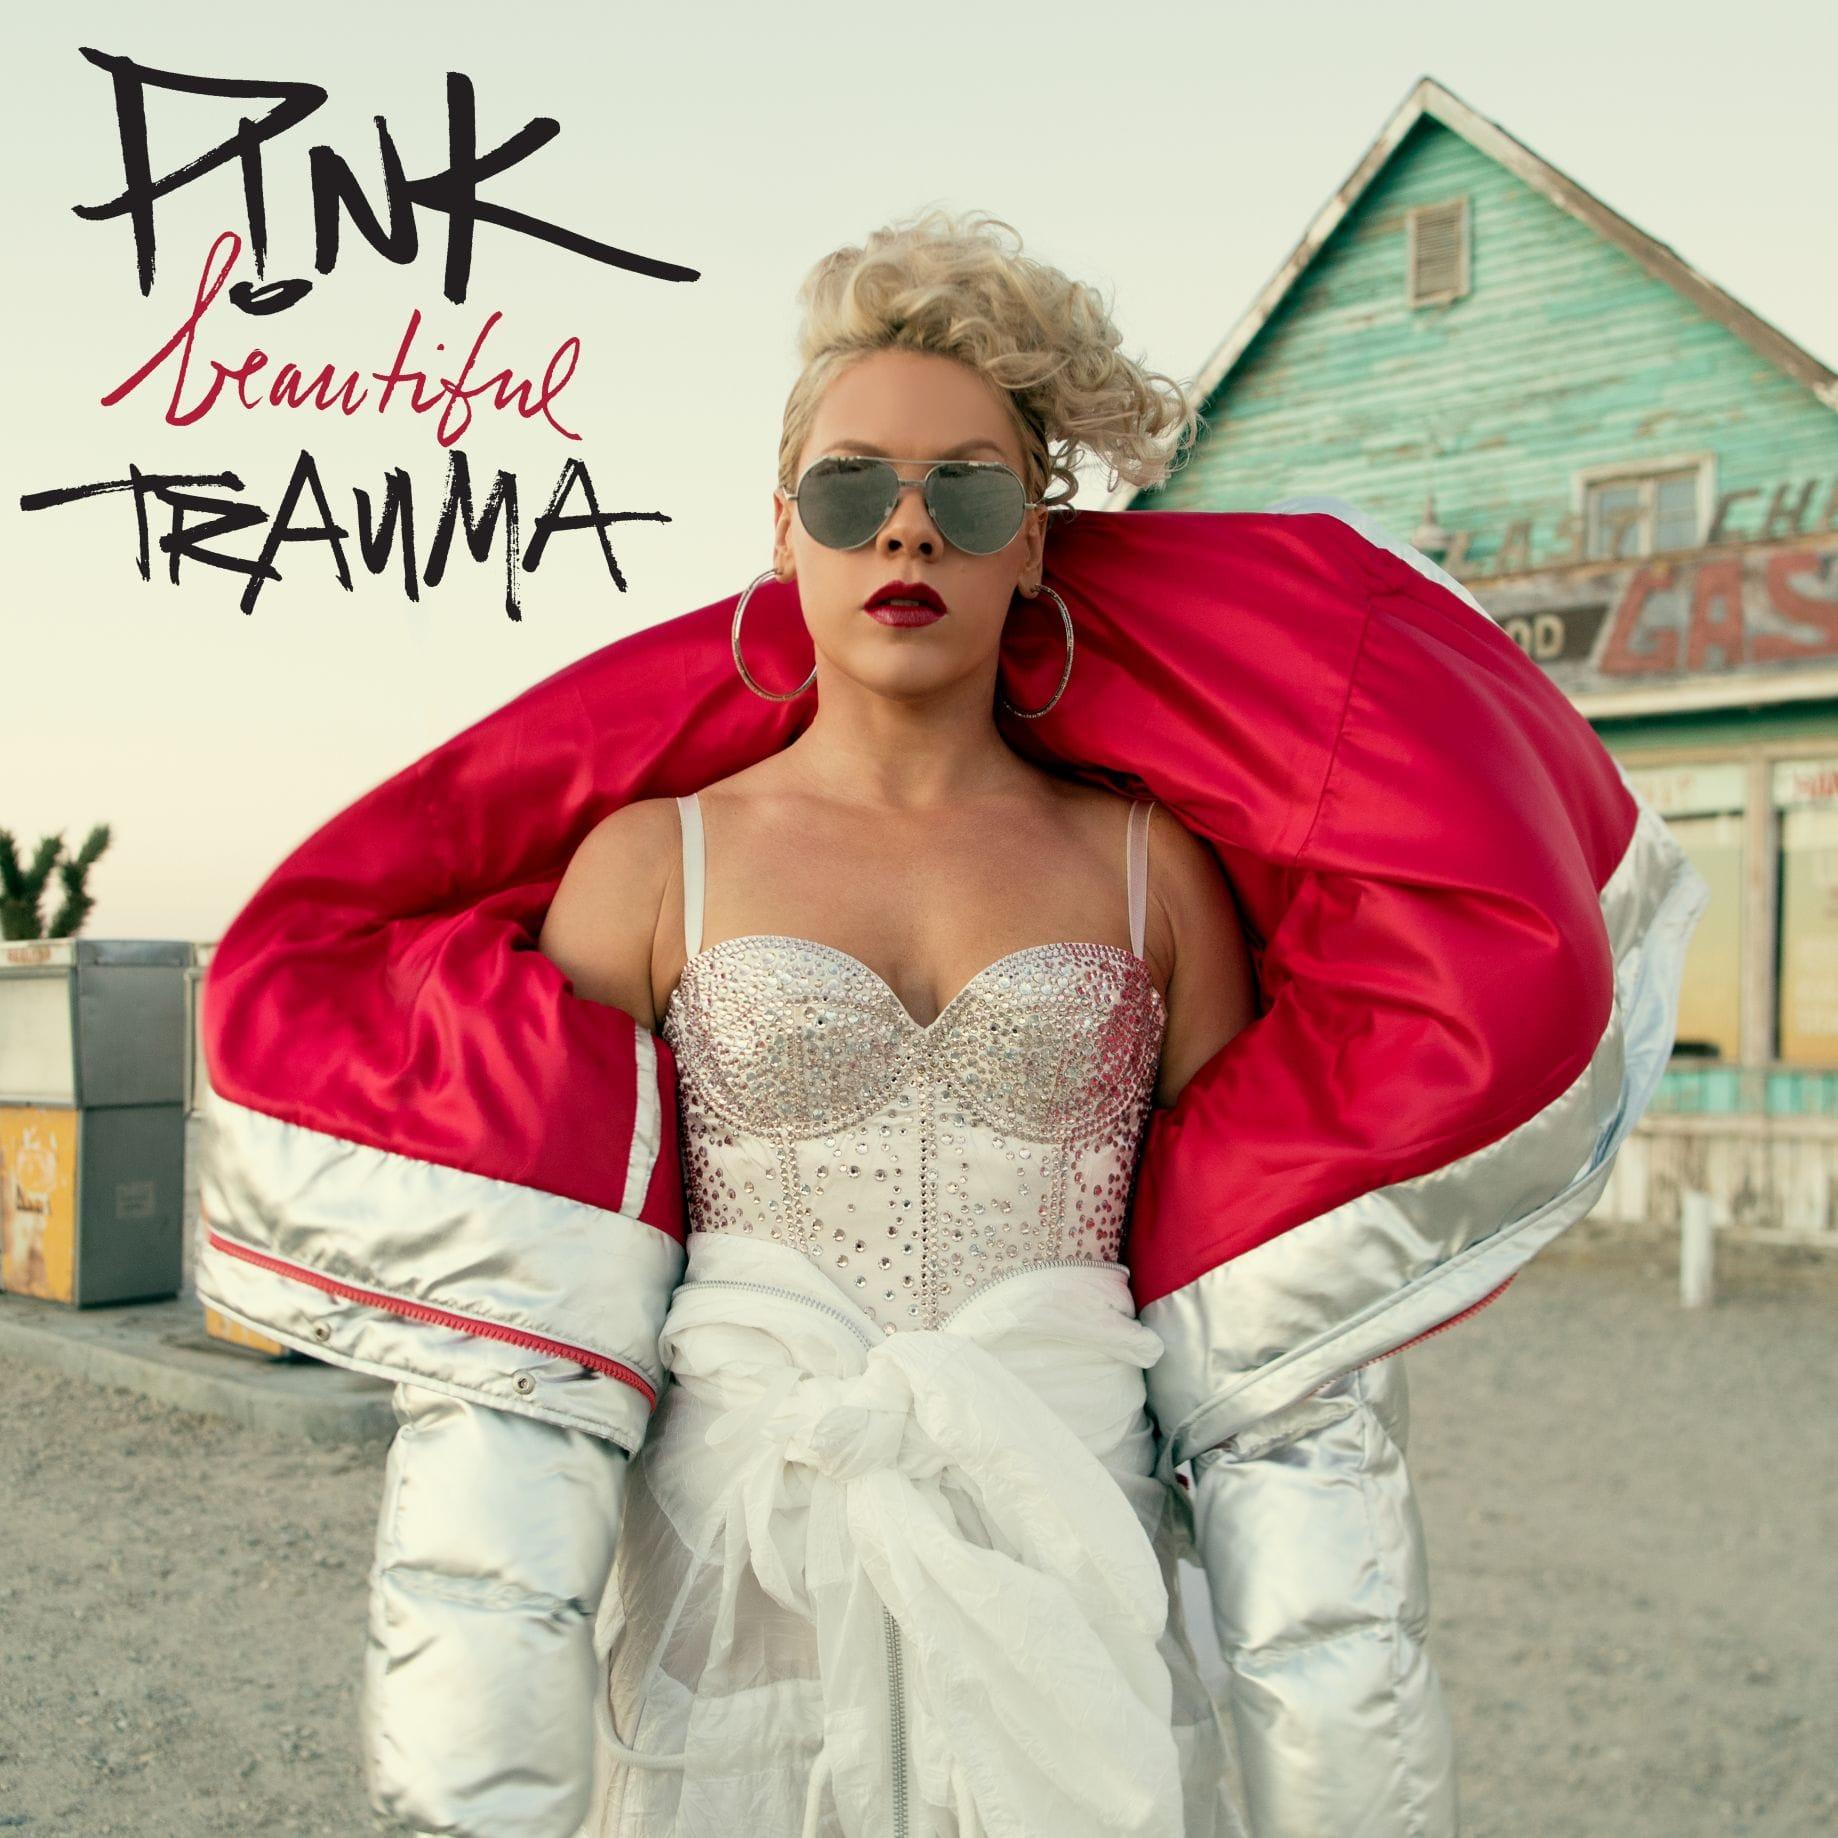 Pink ujawnia nowy utwór! Posłuchajcie go u nas!